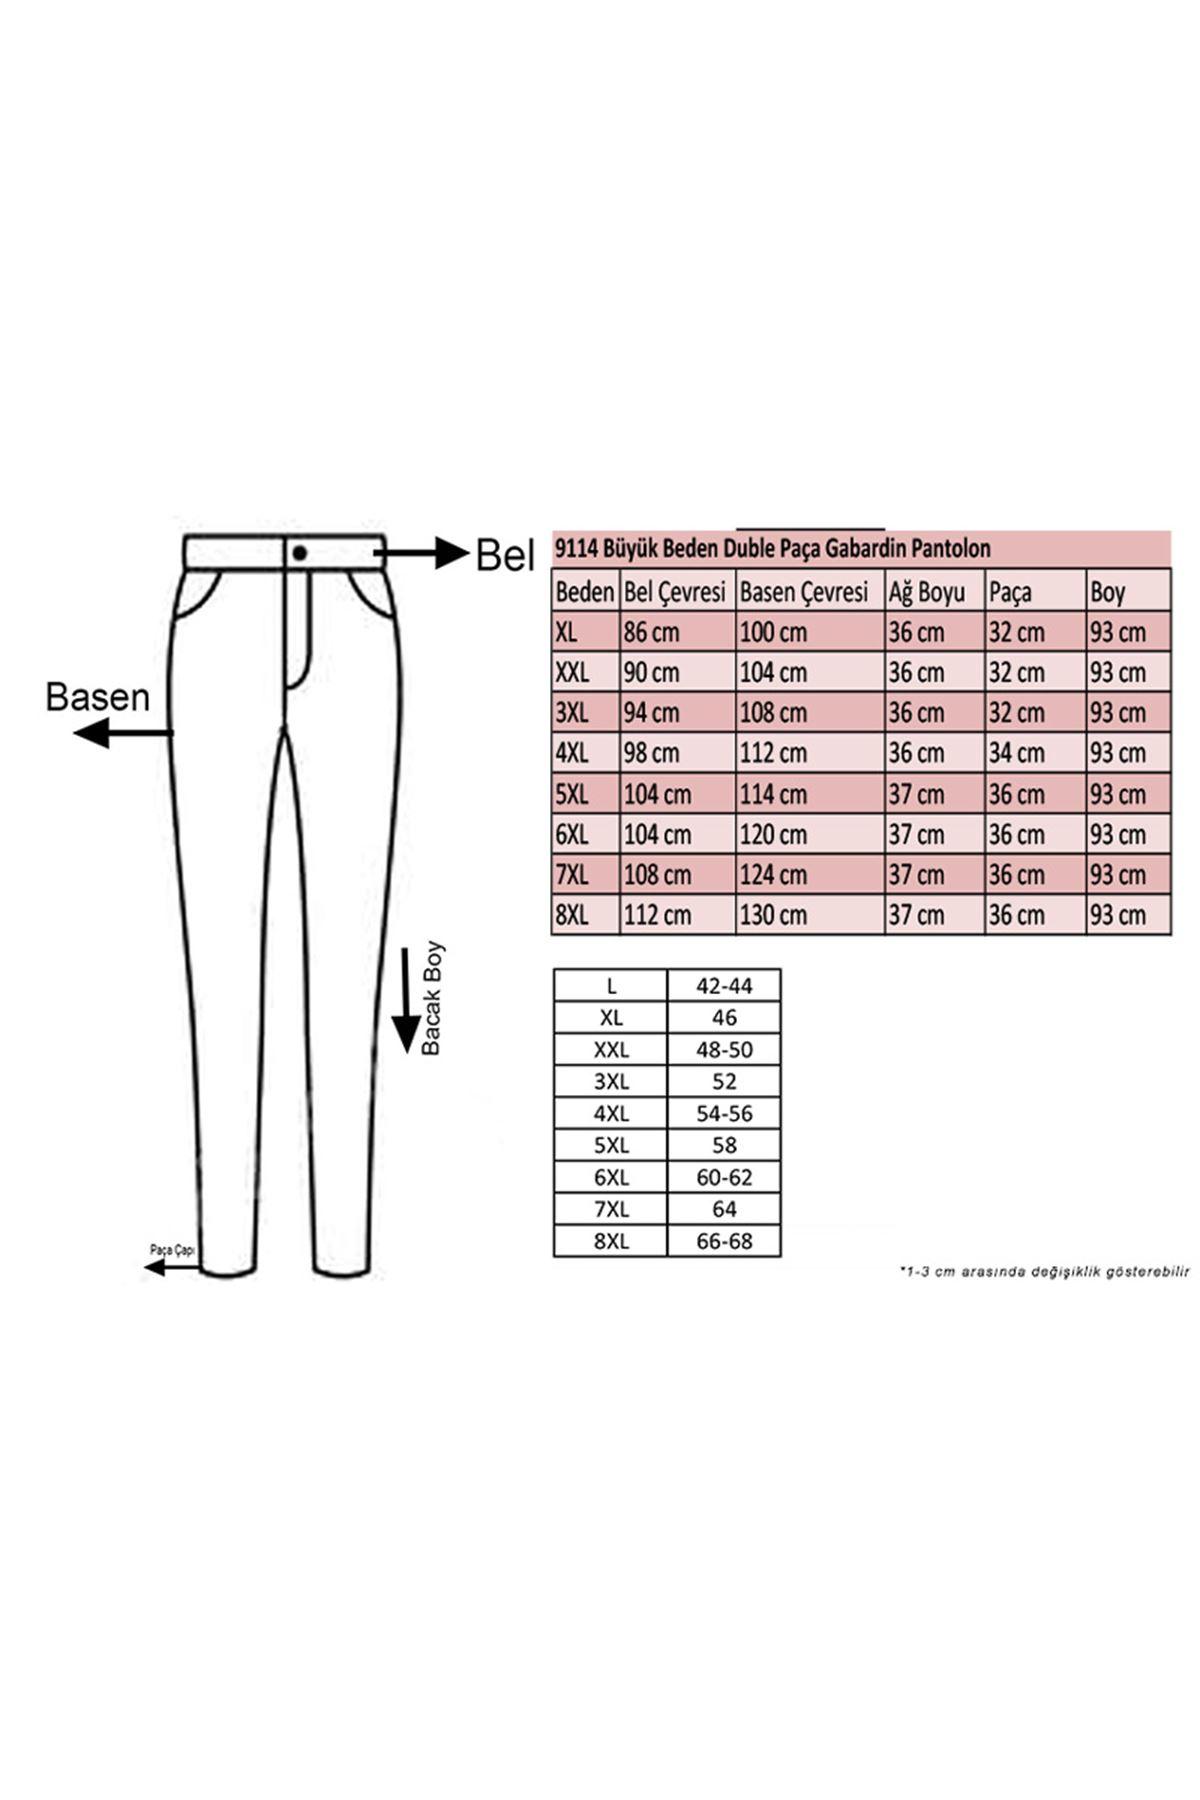 9114 Büyük Beden Duble Paça Gabardin Pantolon - Bej